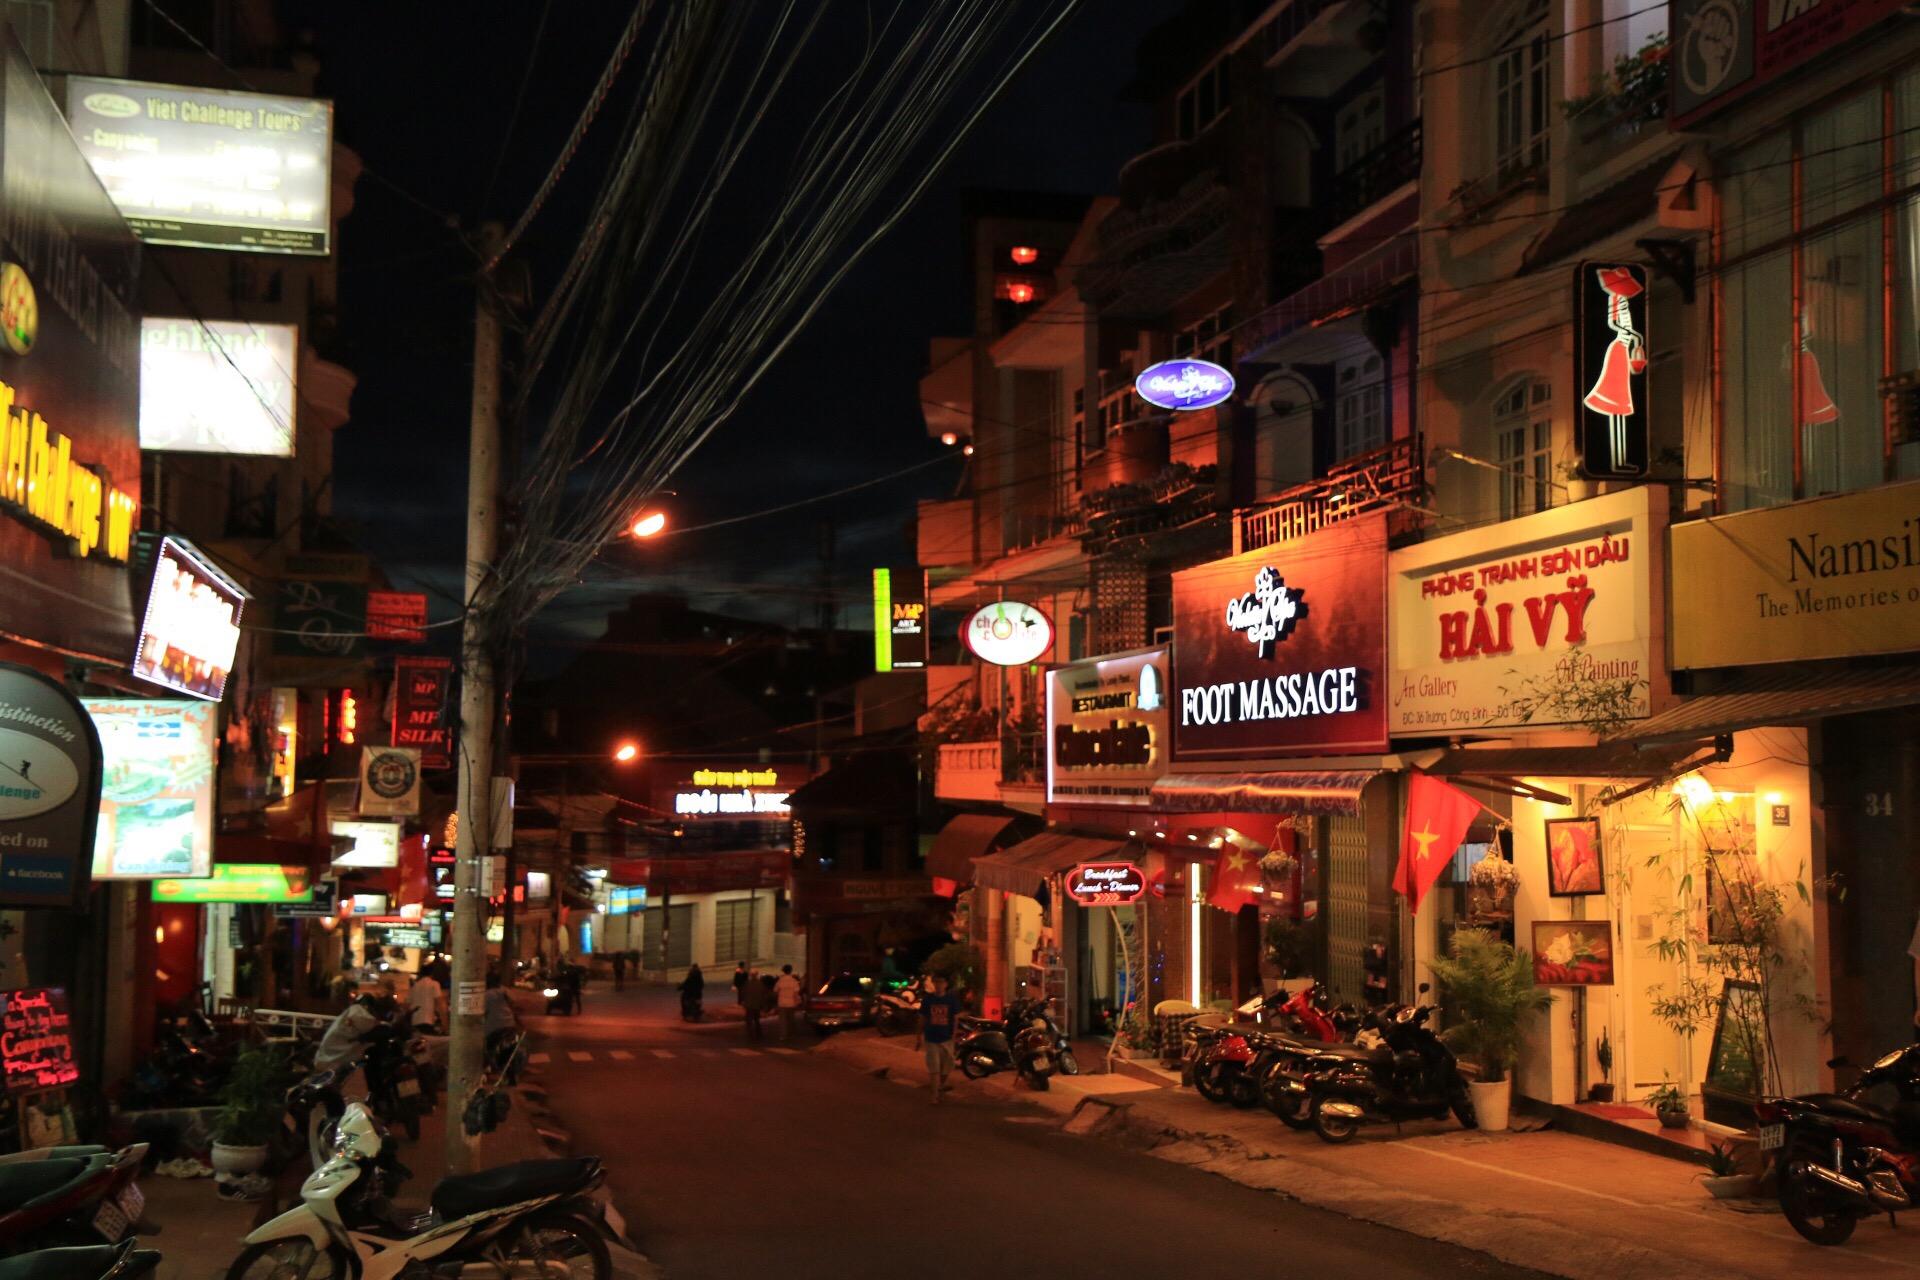 Am Abend auf den Straßen von Dalat.